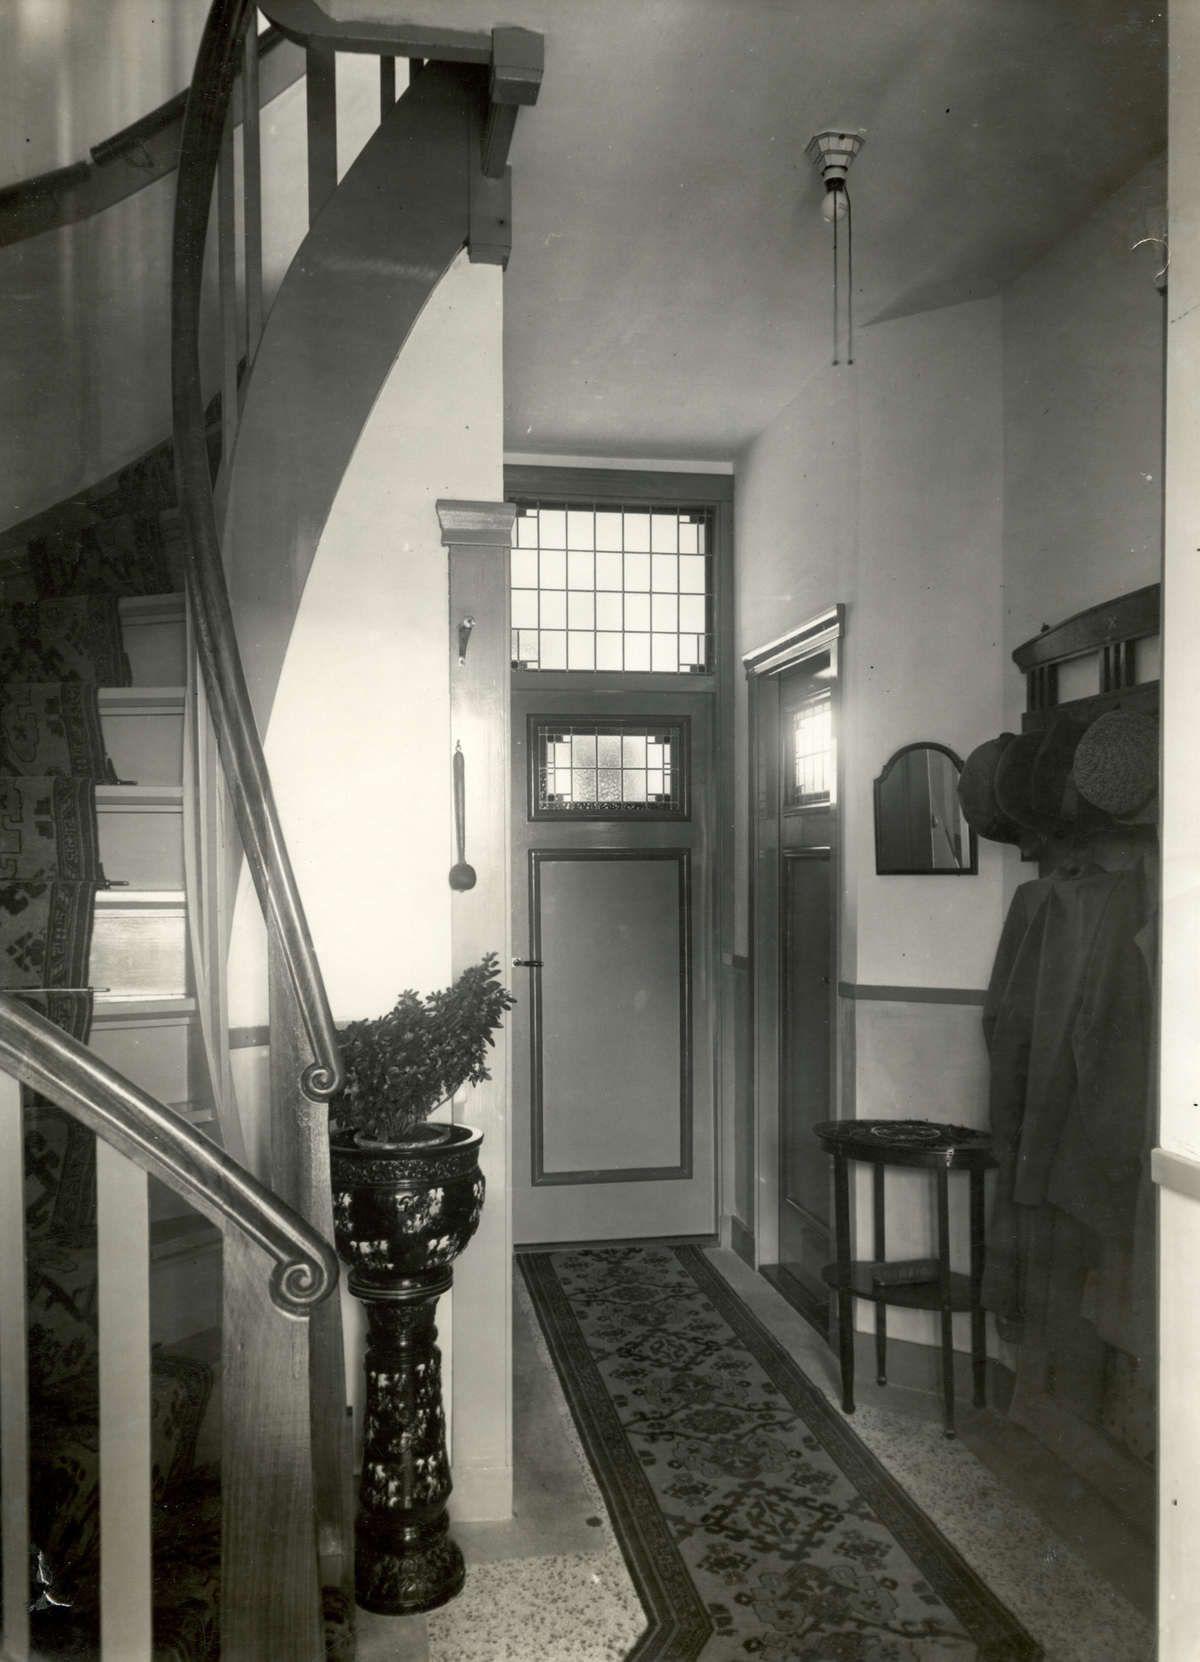 interieur hal en trappenhuis van woonhuis kapstok granieten vloer met loper op de trap ook een loper boven de deuren glas in lood